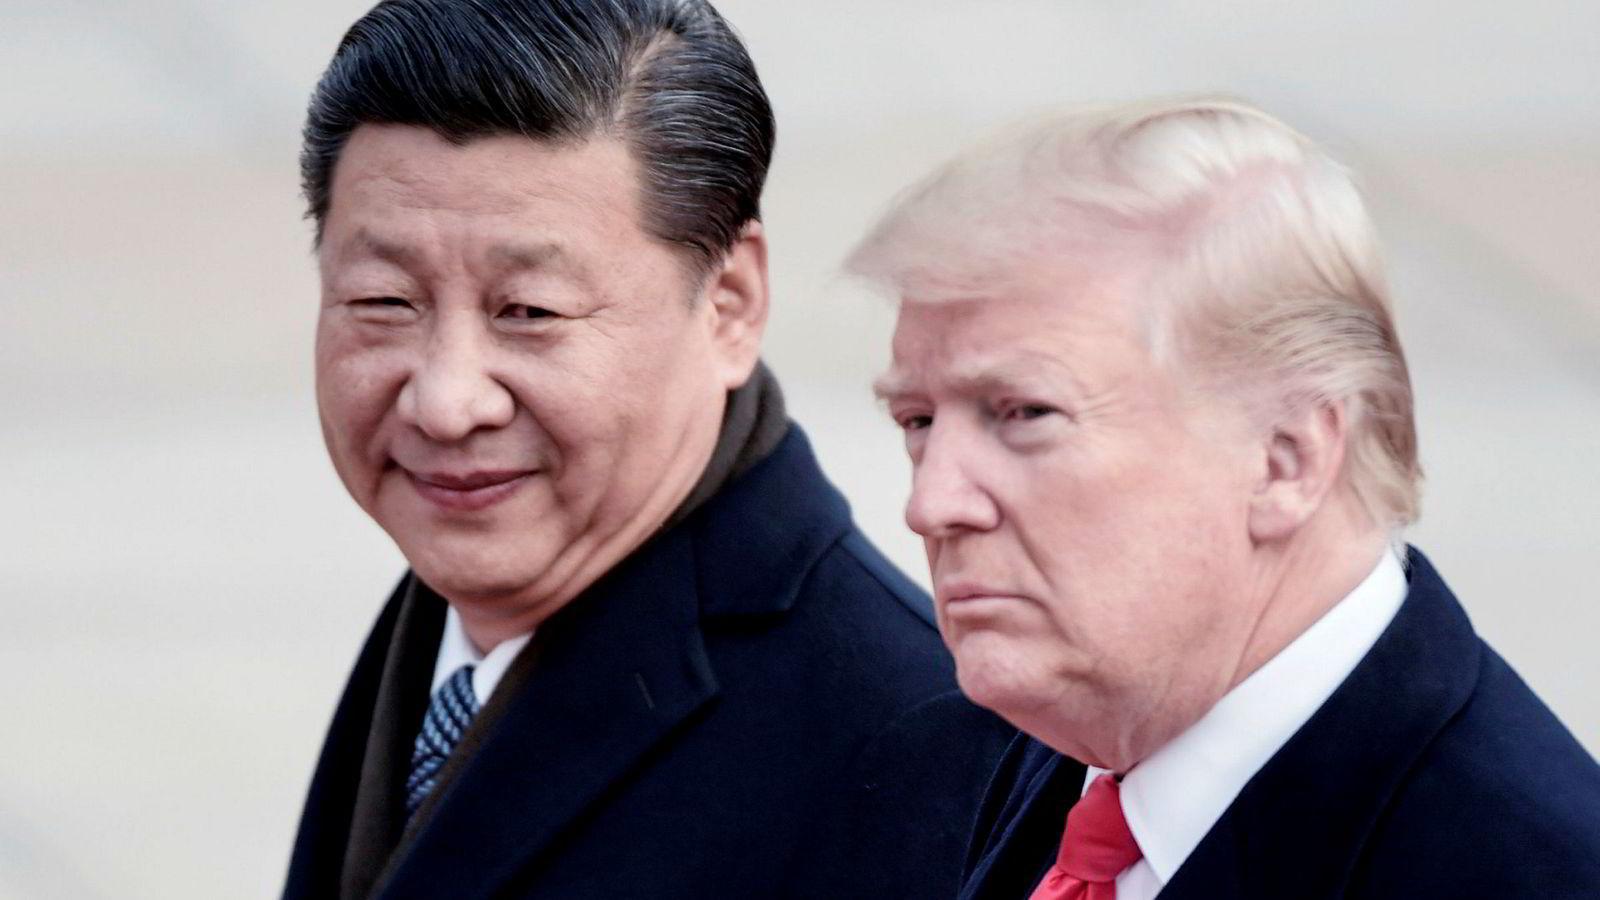 Kina og USA har levert svake økonomiske statistikker for april – måneden før de siste skuddene ble avfyrt i handelskrigen mellom de to landene. Eksperter tror situasjonen kan forverres. Nå går USA etter Huawei og ZTE.